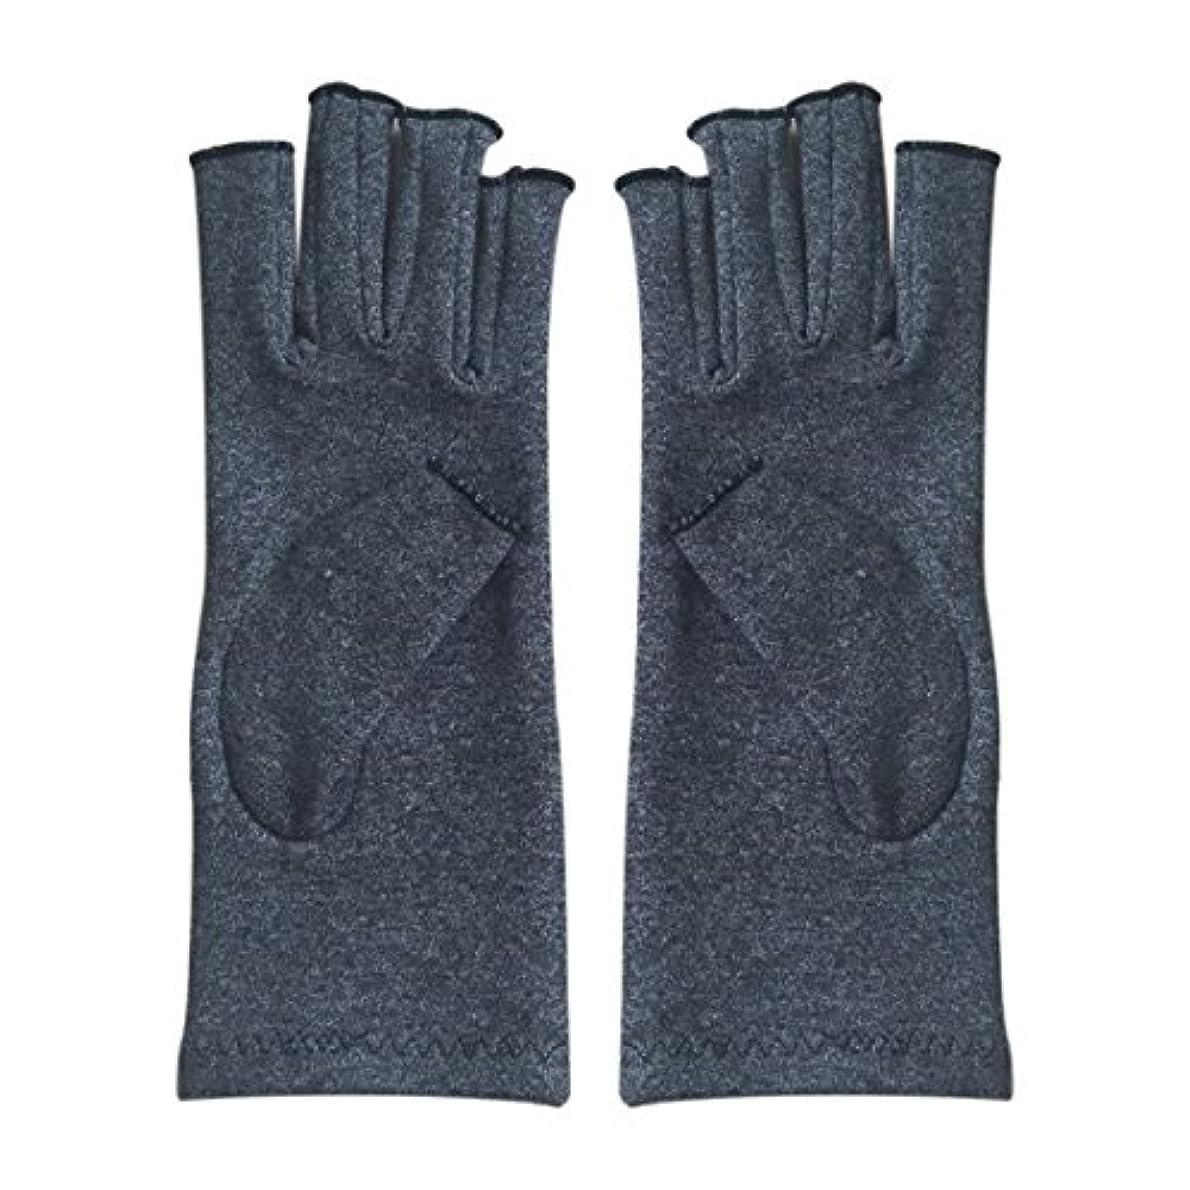 しかしながら広範囲に死すべきSODIAL 1ペア成人男性女性用弾性コットンコンプレッション手袋手関節炎関節痛鎮痛軽減S -灰色、S